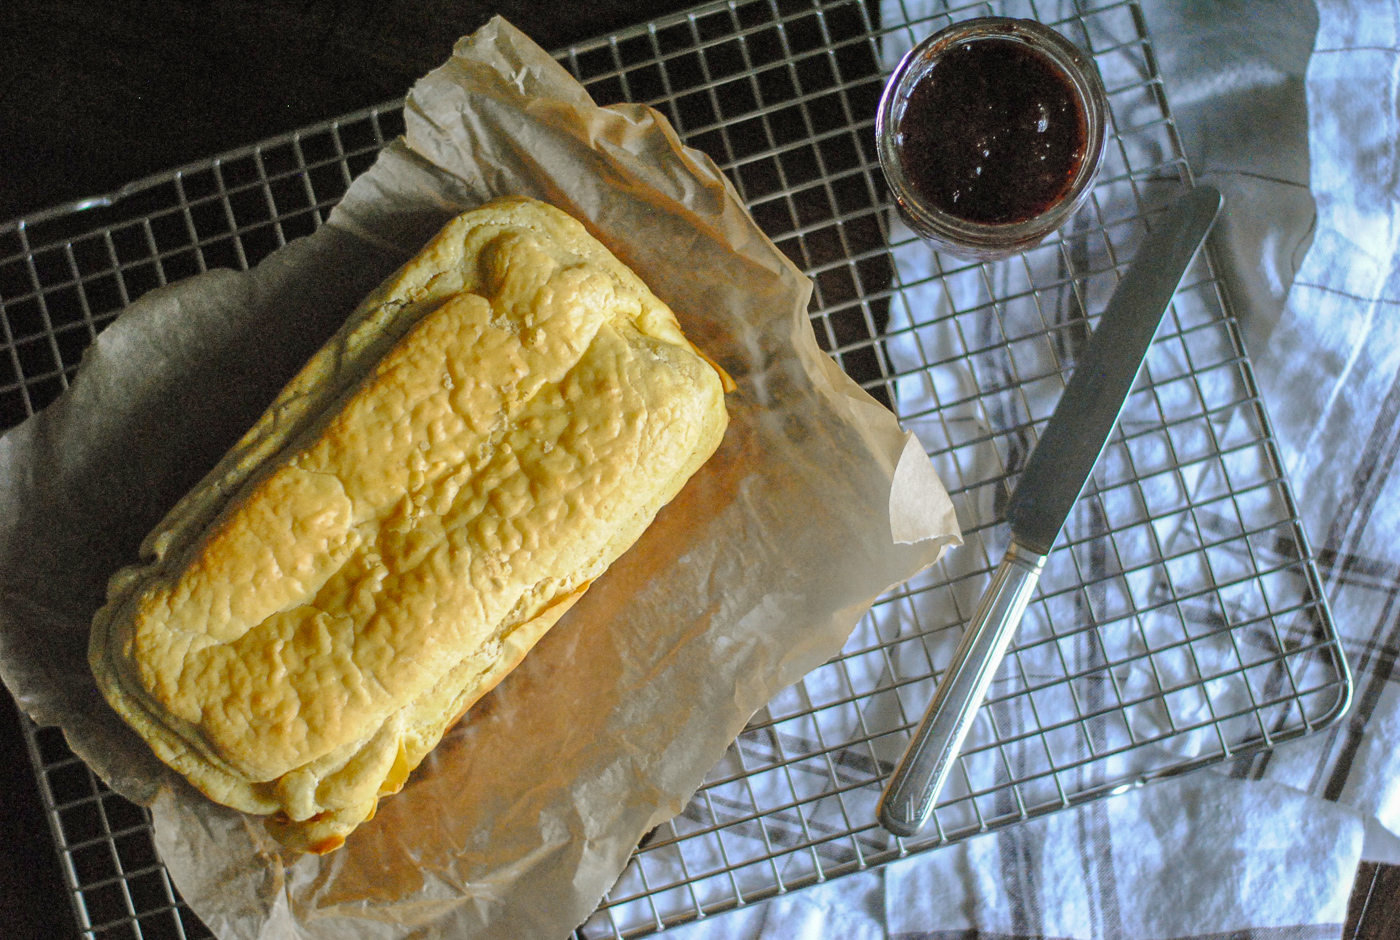 A recipe for paleo cassava bread